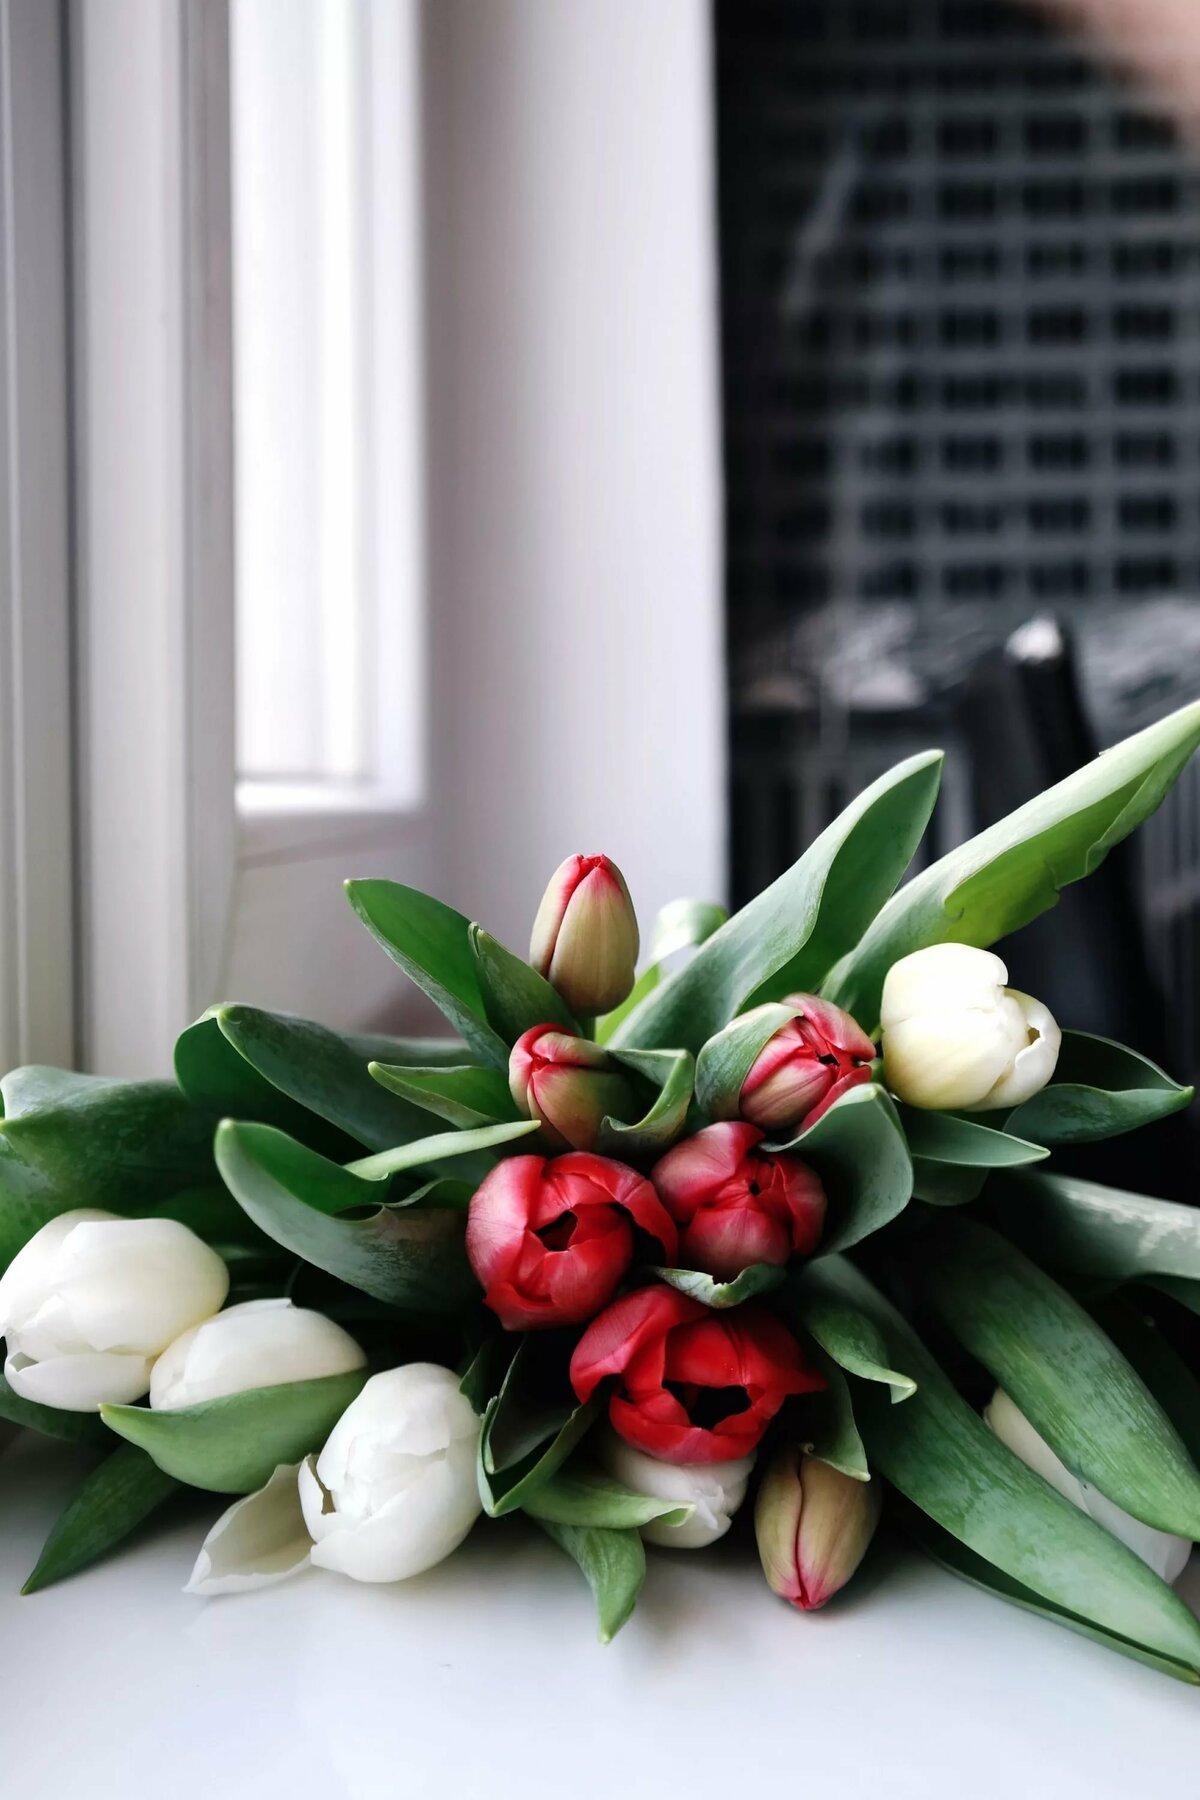 для фото букеты тюльпанов на столе руническая письменность это